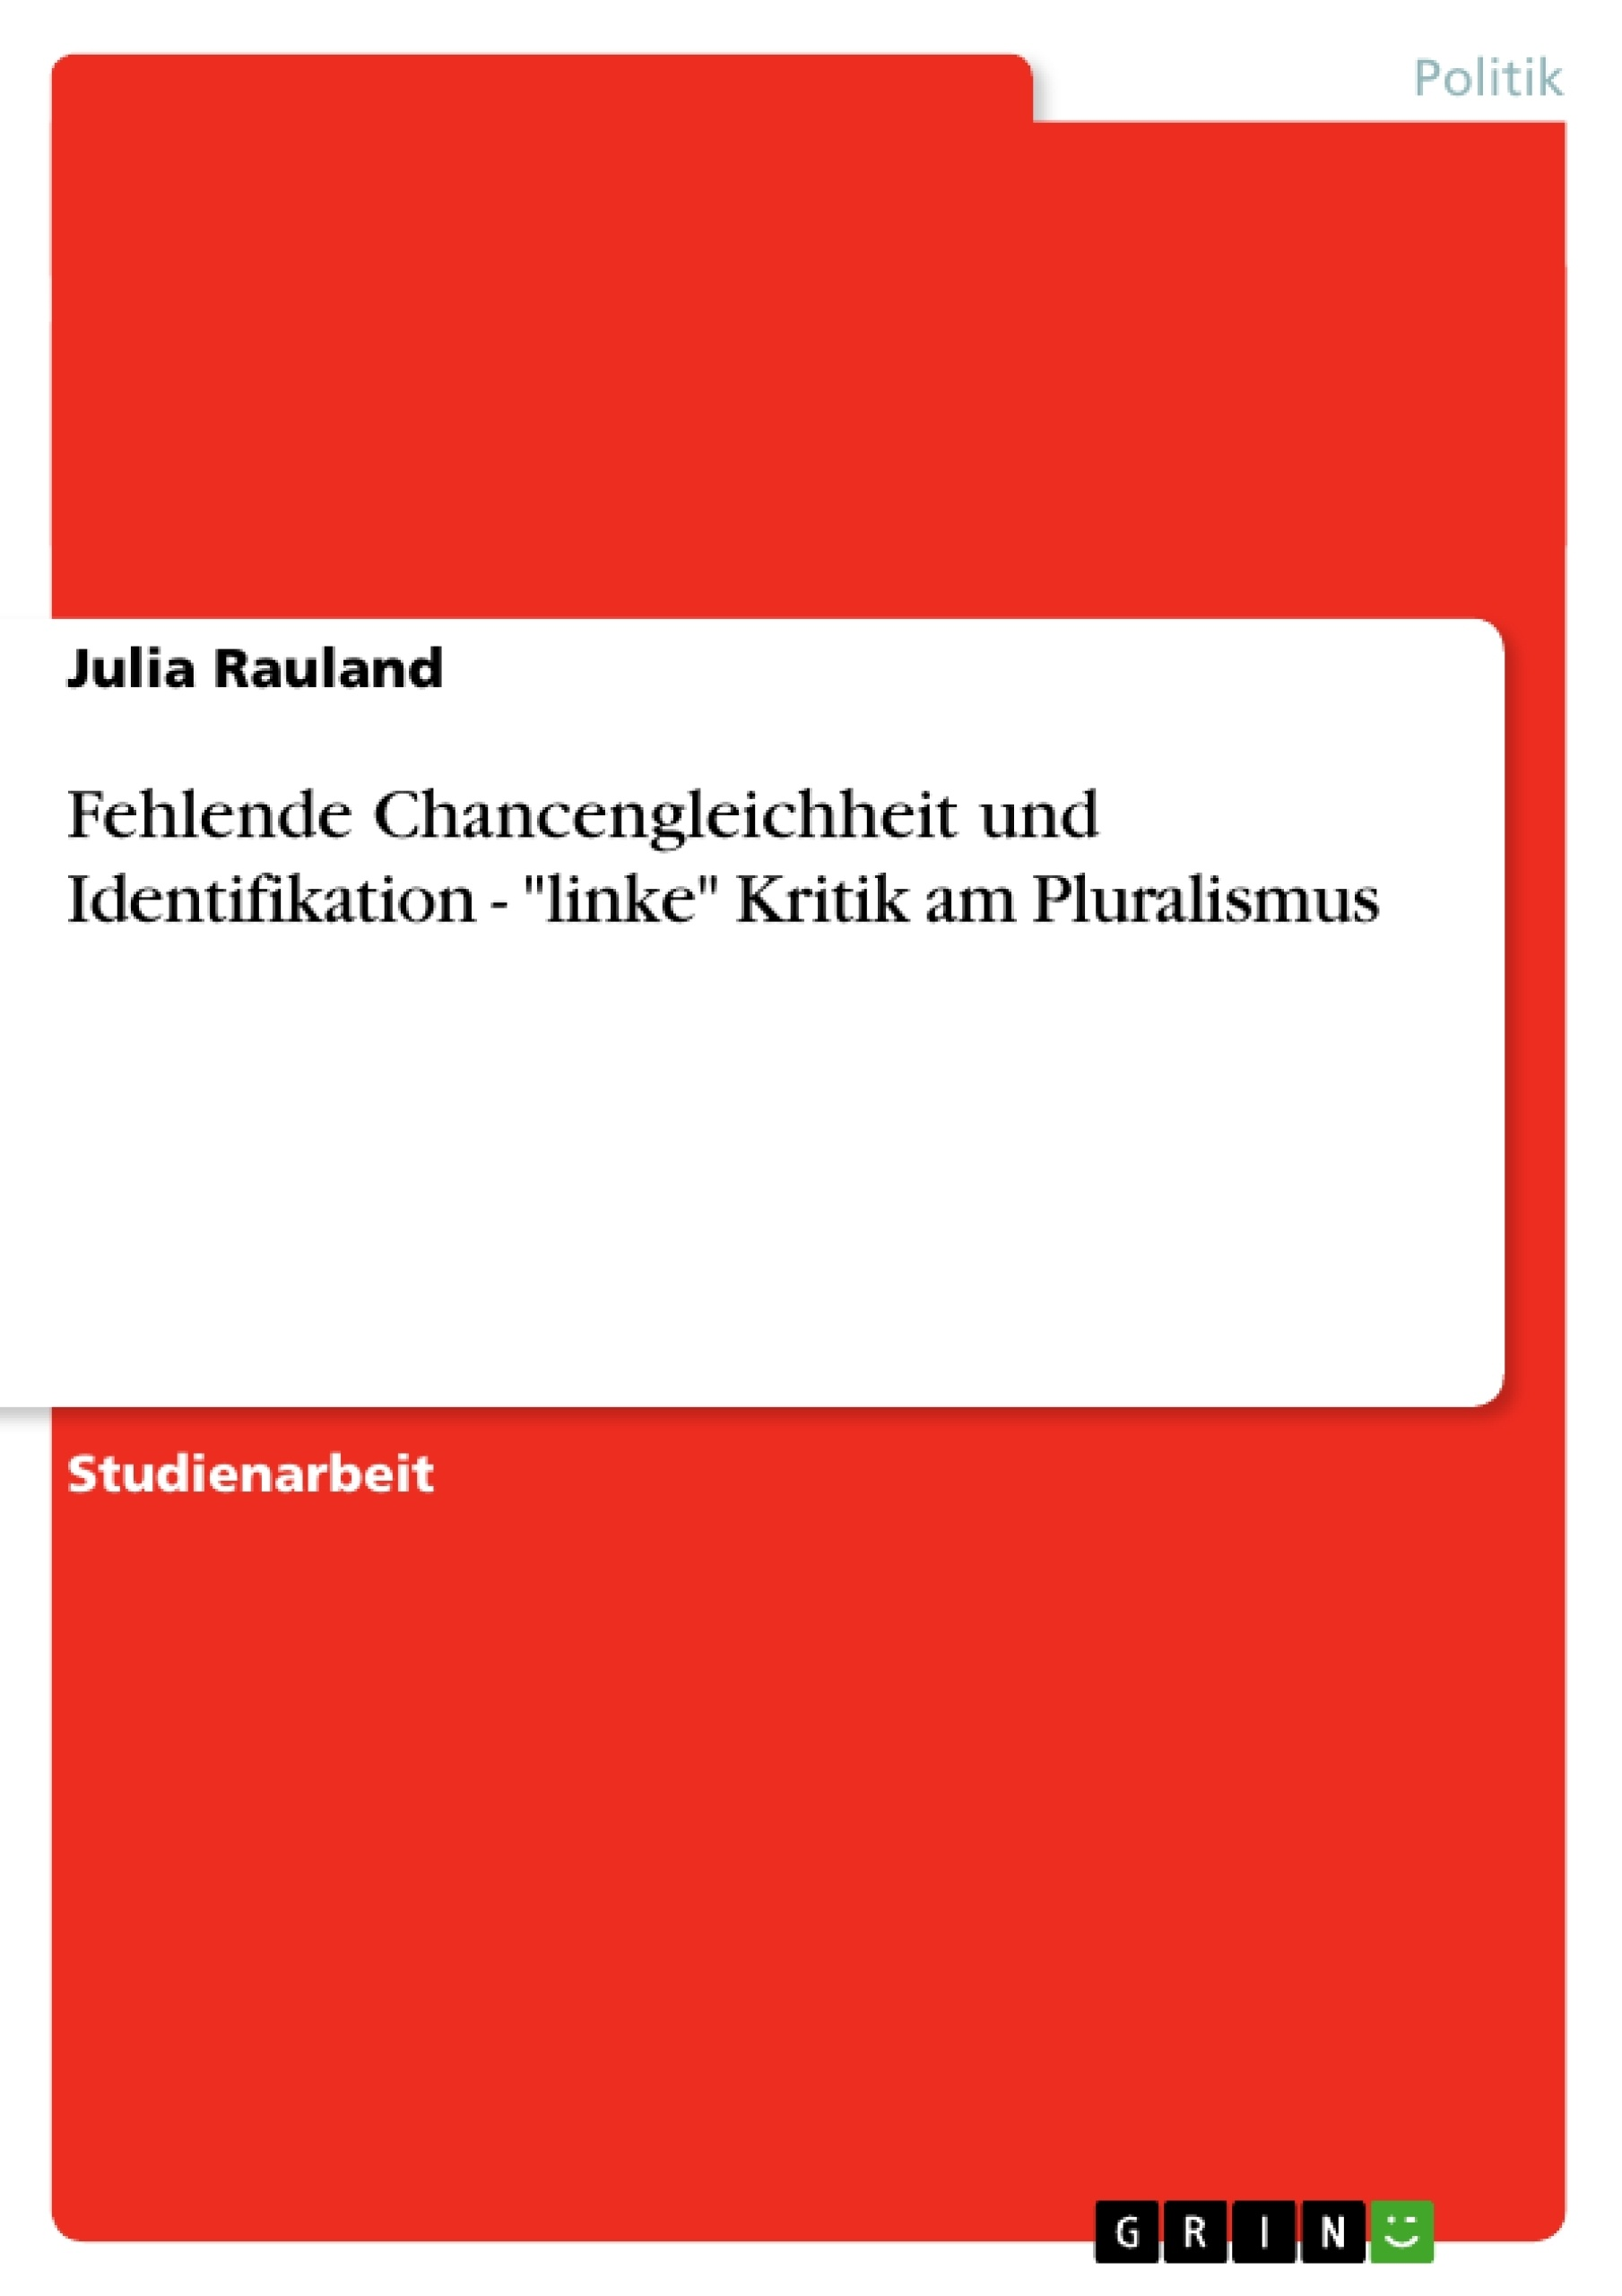 """Titel: Fehlende Chancengleichheit und Identifikation - """"linke"""" Kritik am Pluralismus"""